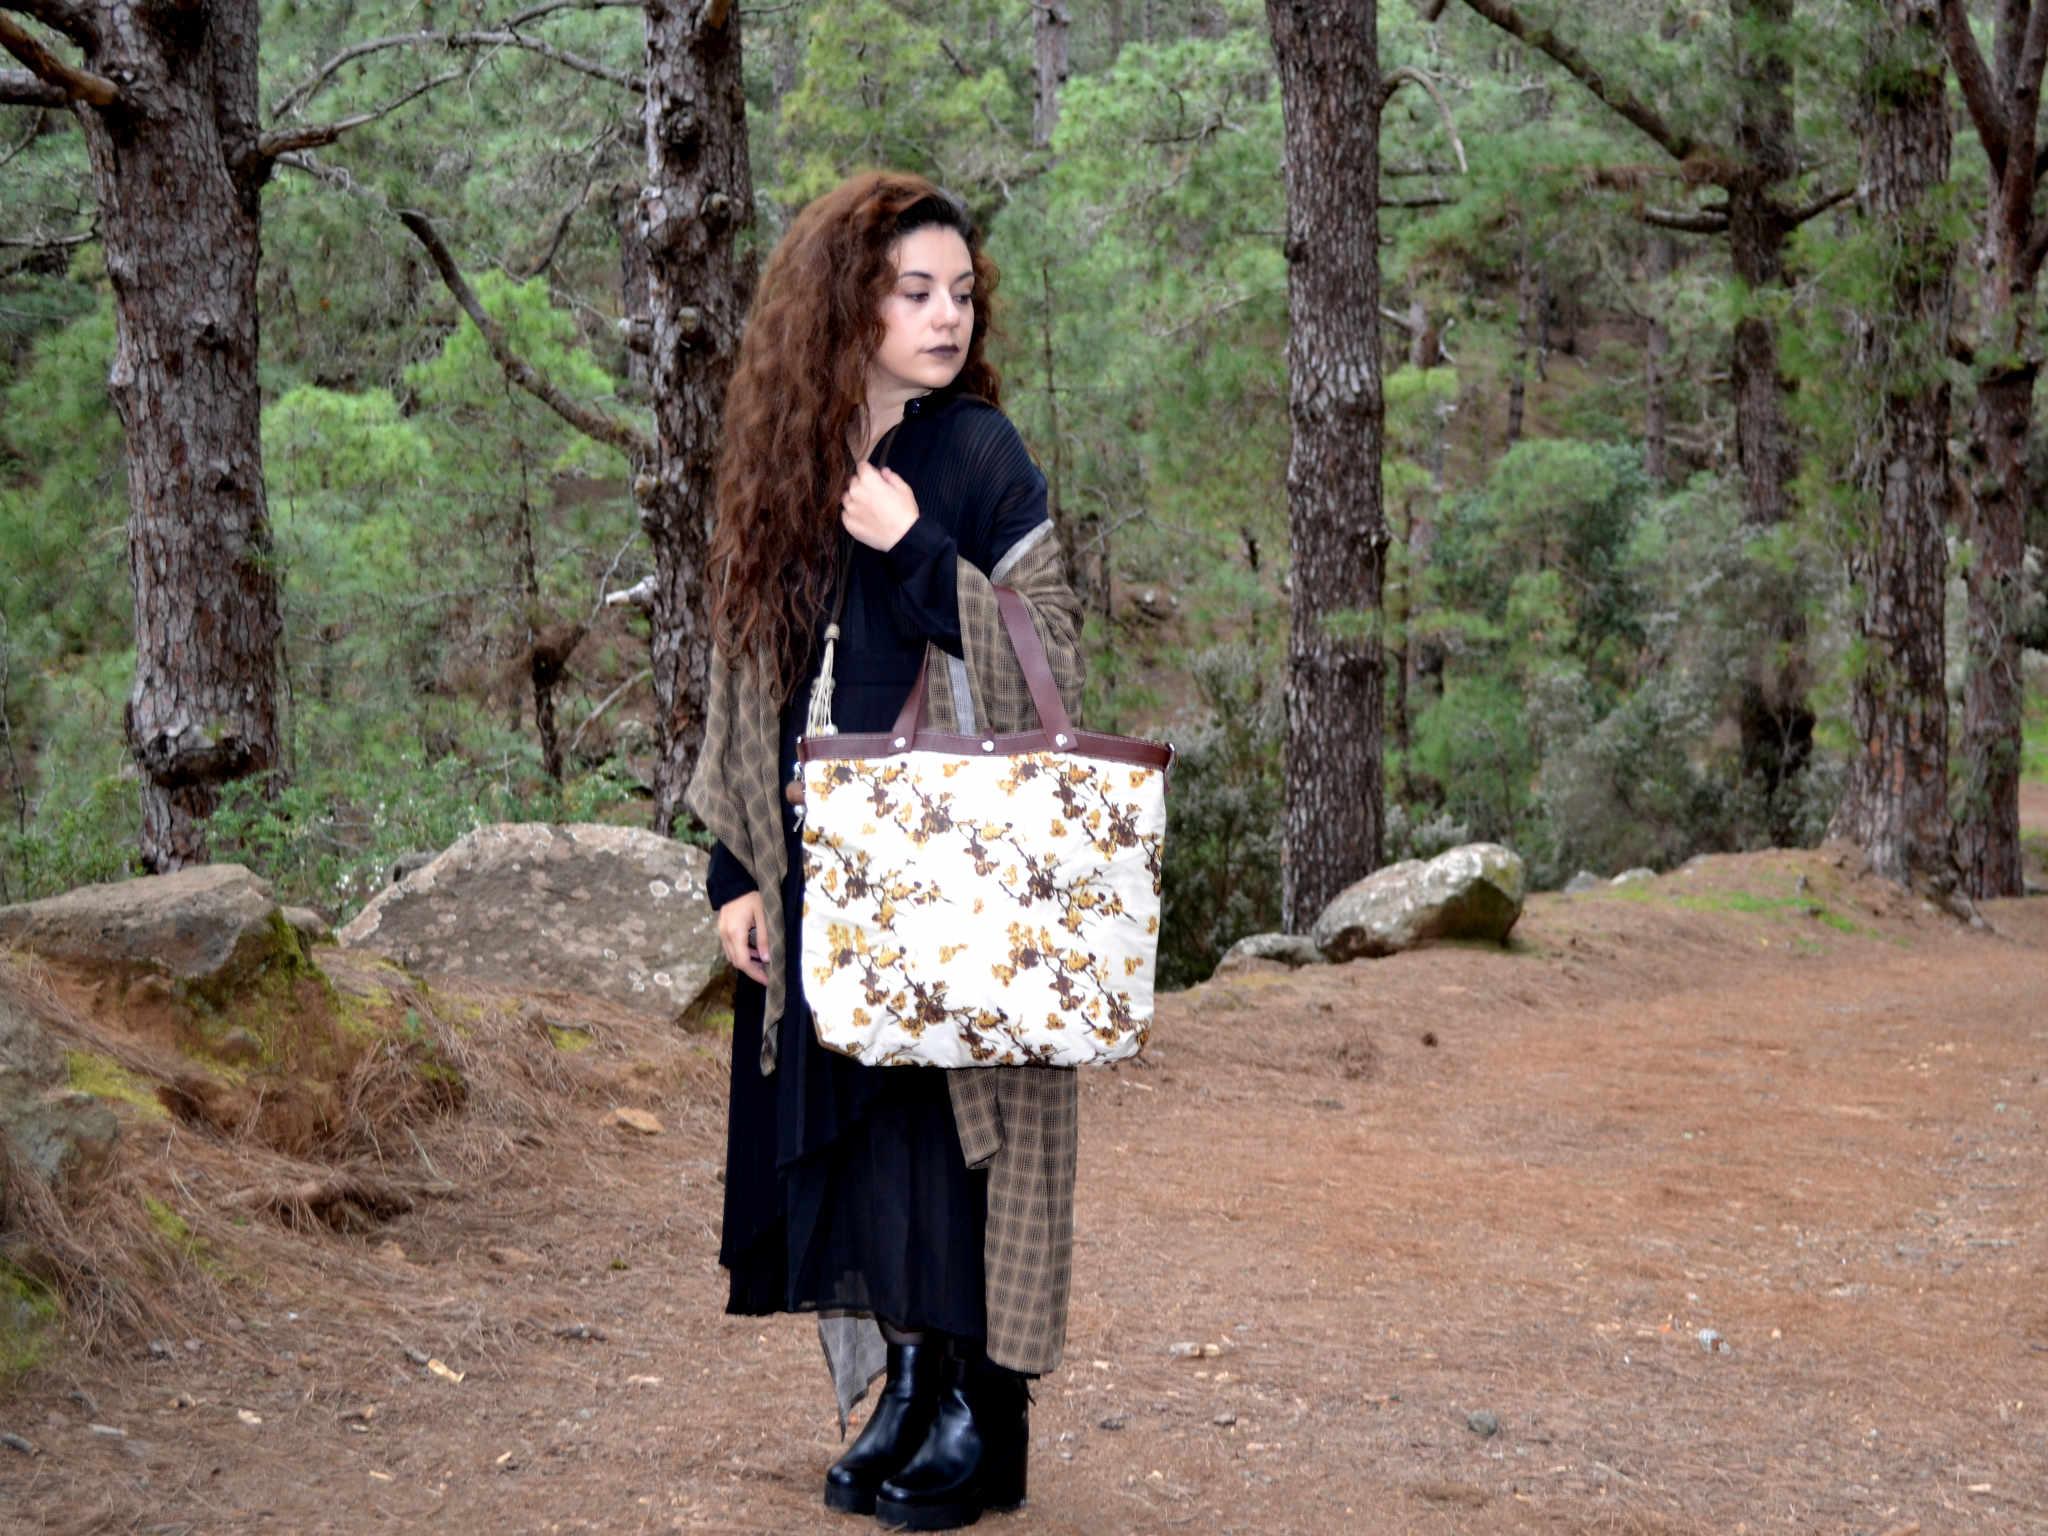 Mujer con bolso citybag de la serie mambo